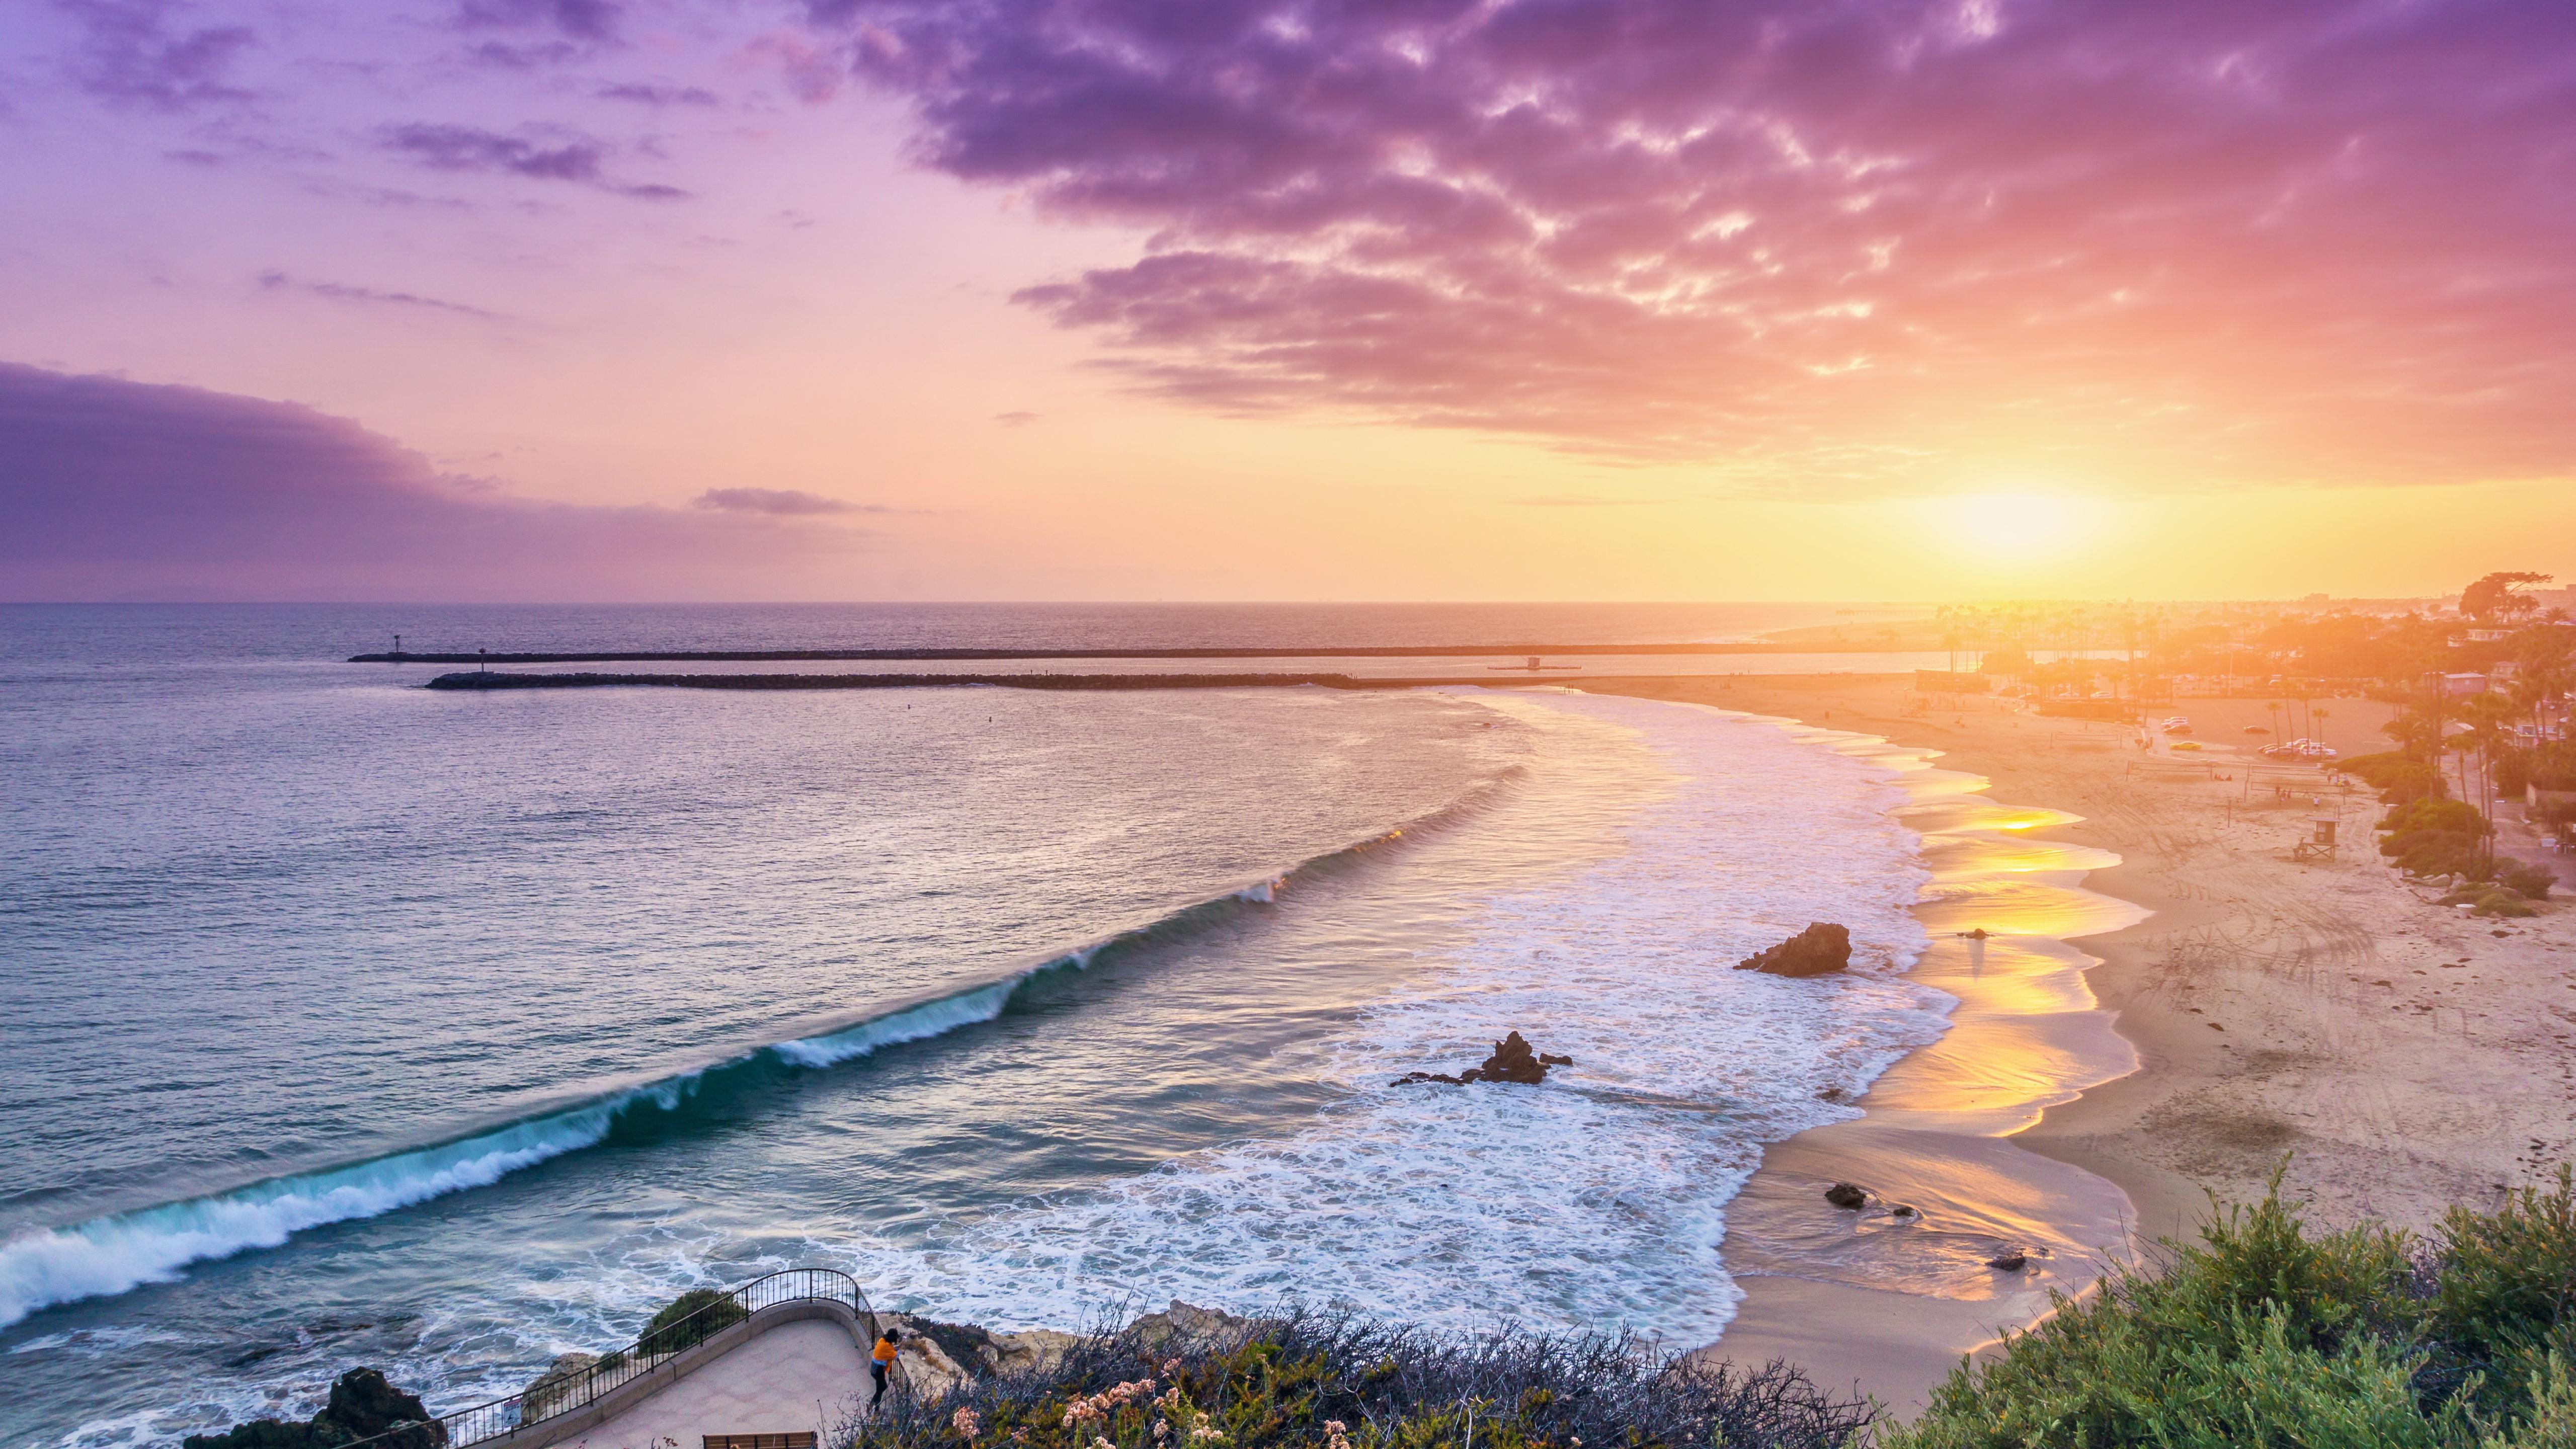 Corona del Mar Newport Beach 5k Retina Ultra HD Wallpaper 5120x2880